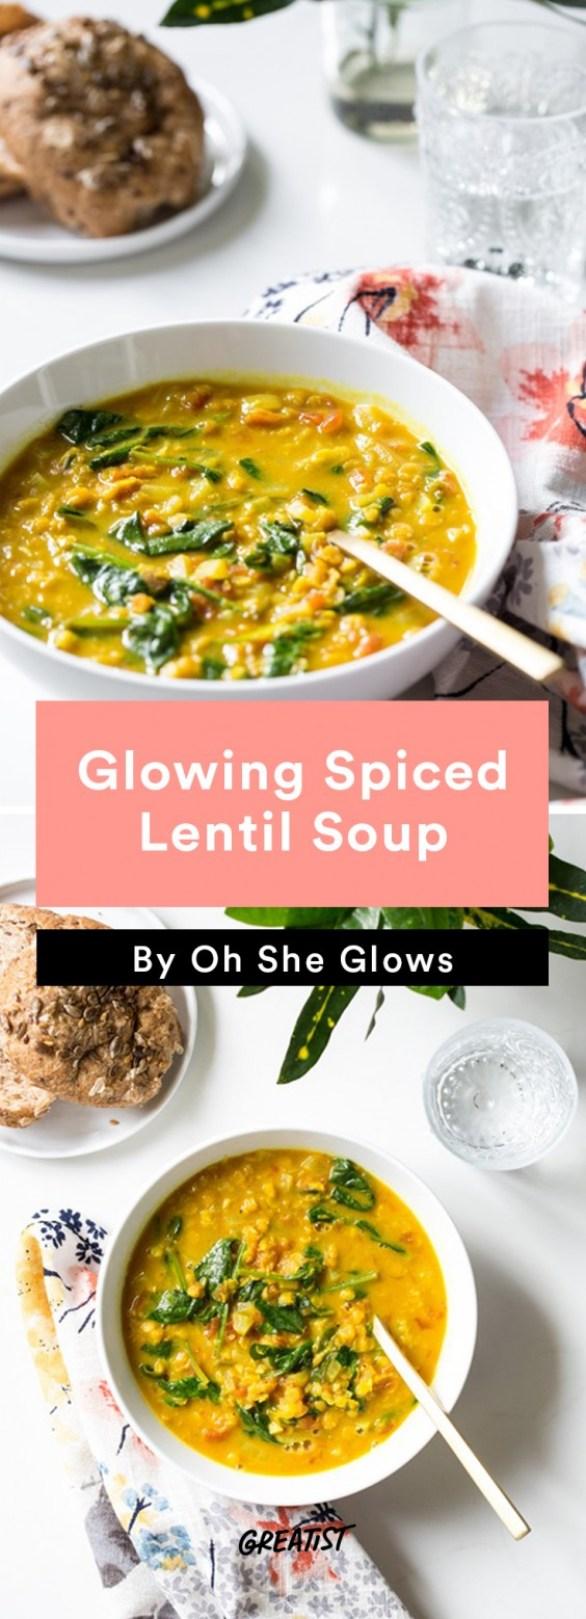 oh she glows bowl: Lentil Soup